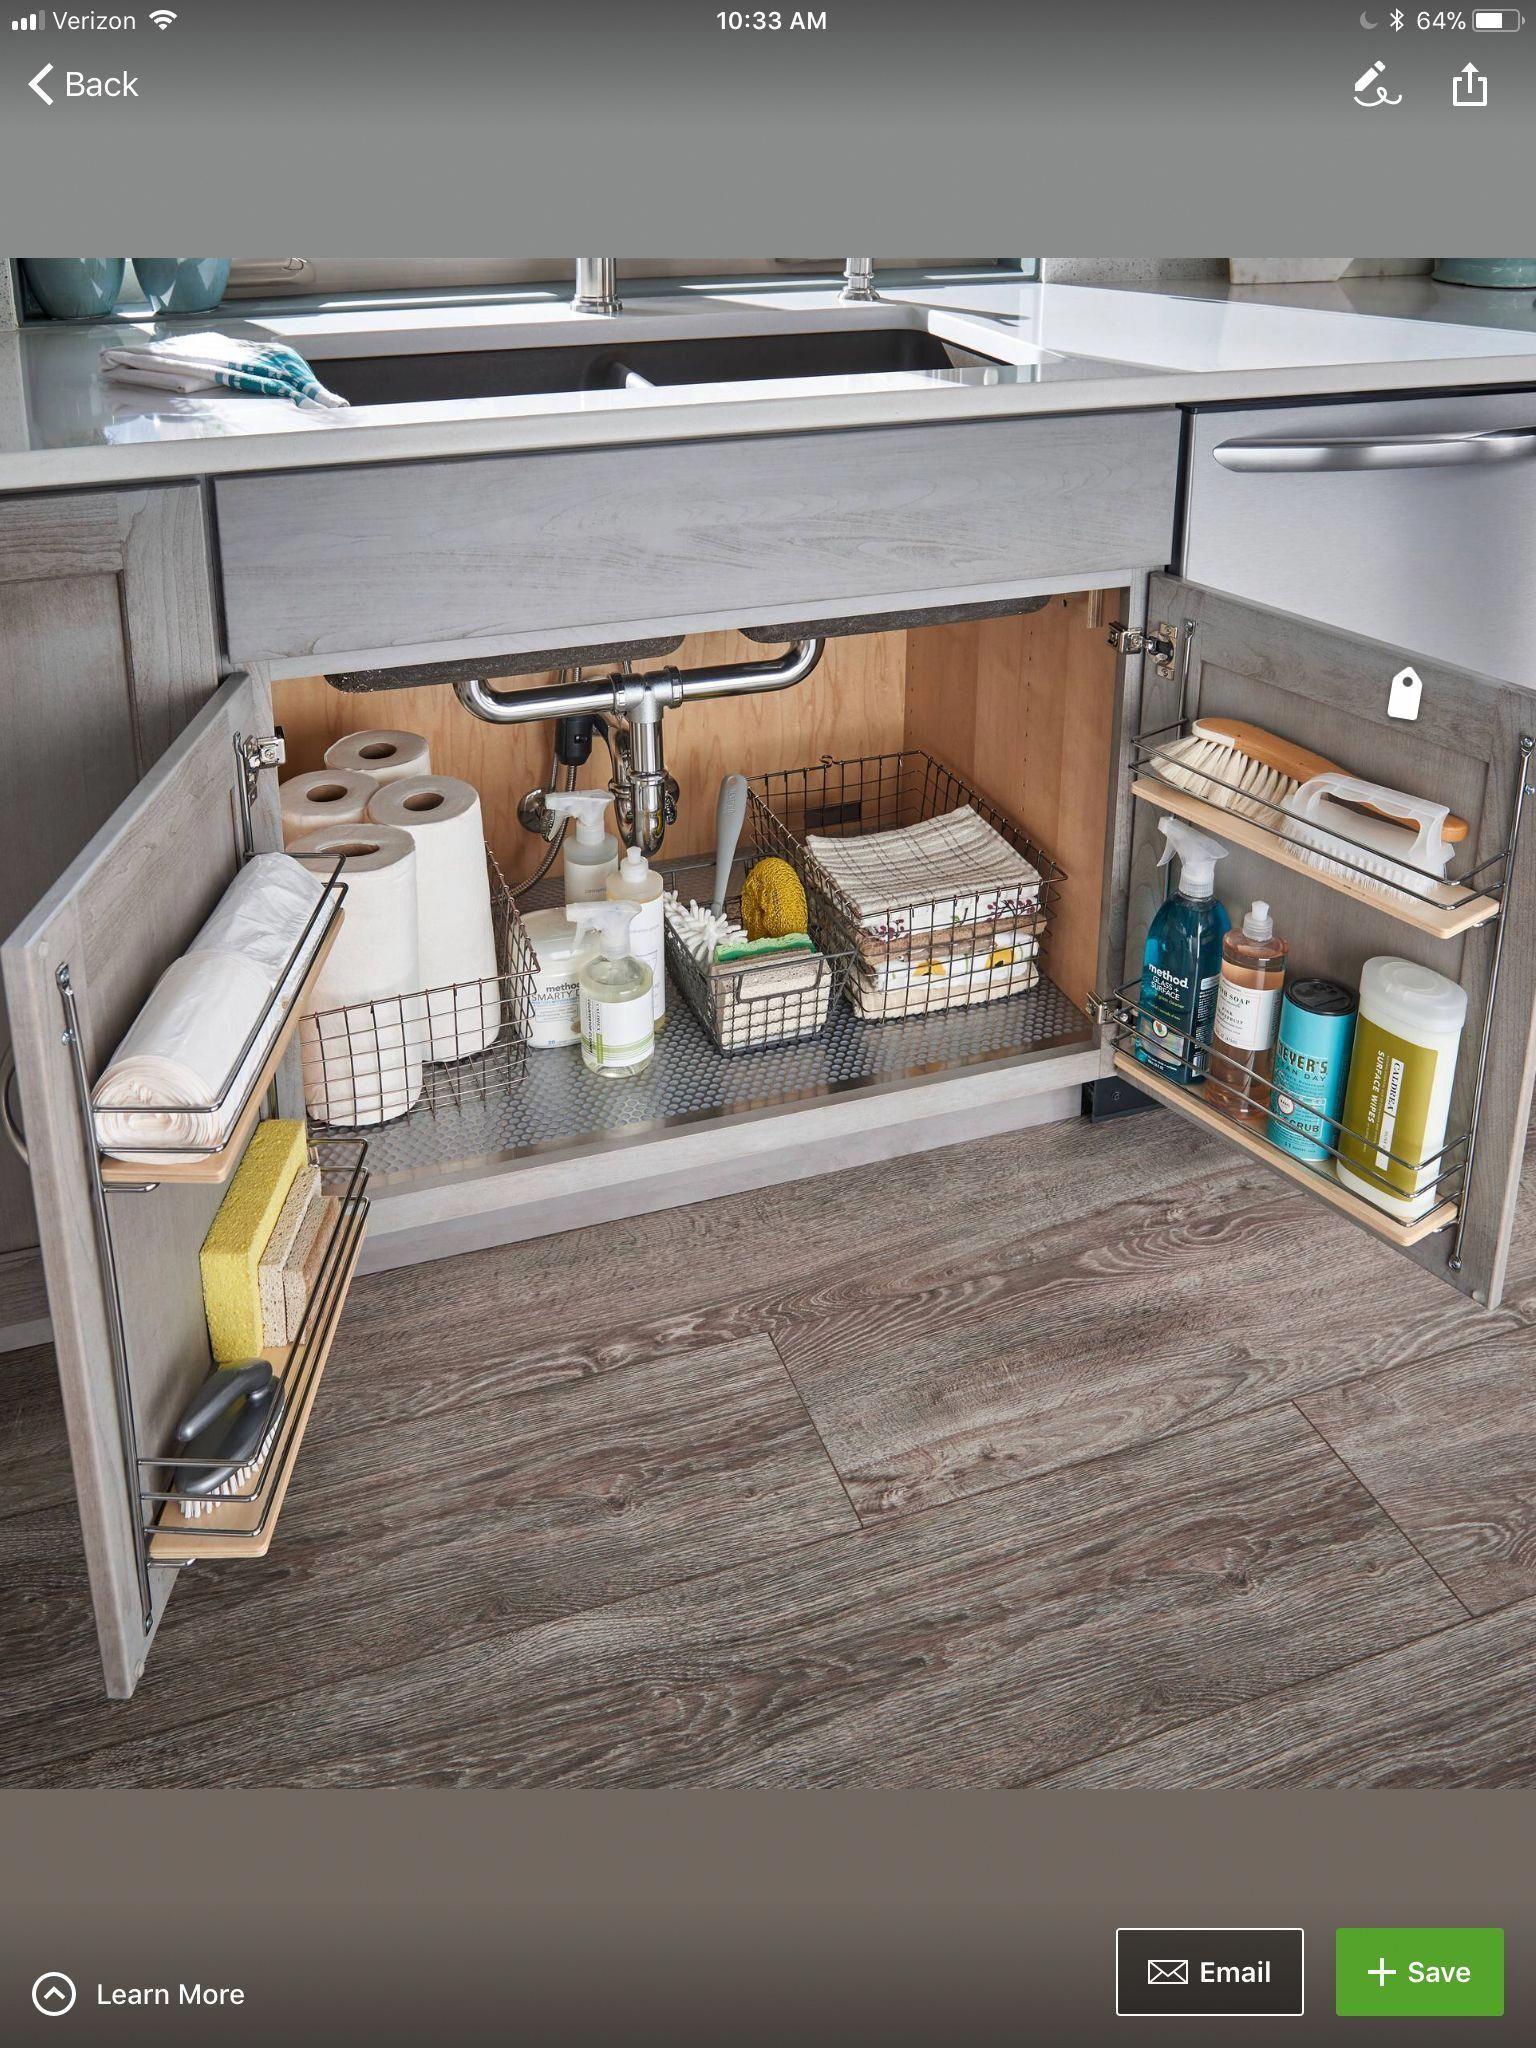 Under Kitchen Sink Storage Kitchenremodeltips Kitchensinkcabinet Under Kitchen Sinks Kitchen Sink Storage Under Kitchen Sink Storage